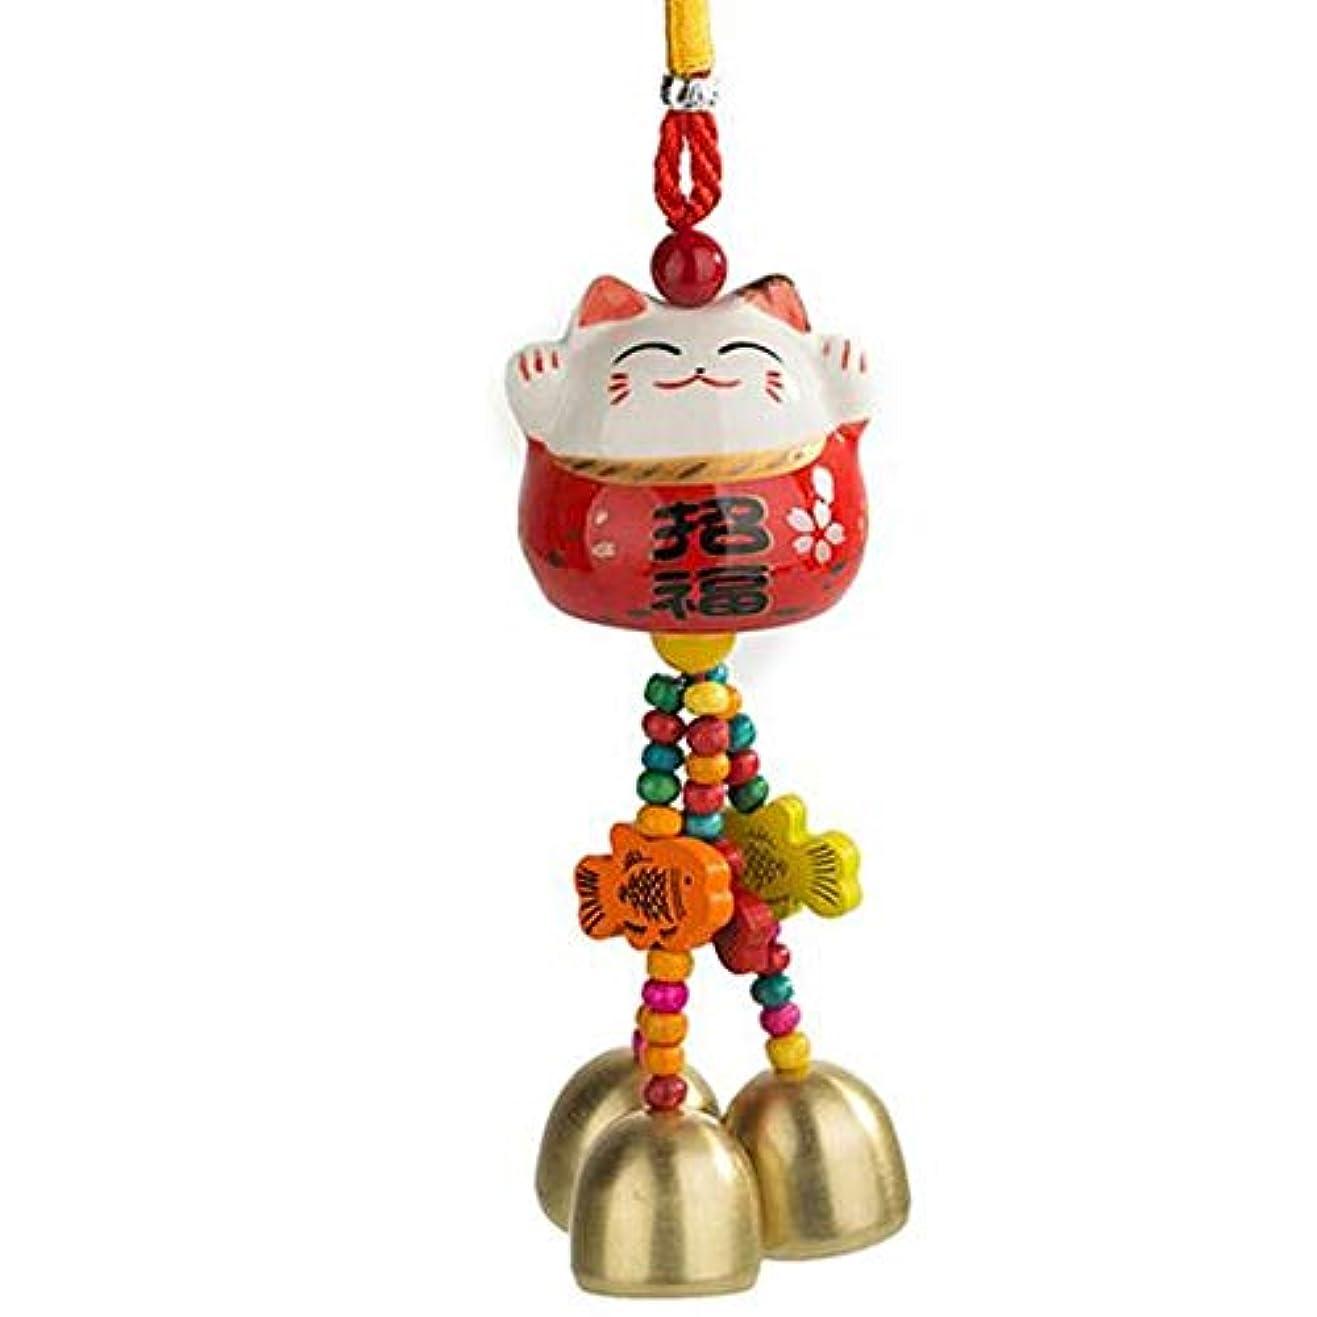 デンマーク苦しみ塩辛いKaiyitong01 風チャイム、かわいいクリエイティブセラミック猫風の鐘、オレンジ、ロング28センチメートル,絶妙なファッション (Color : Red)